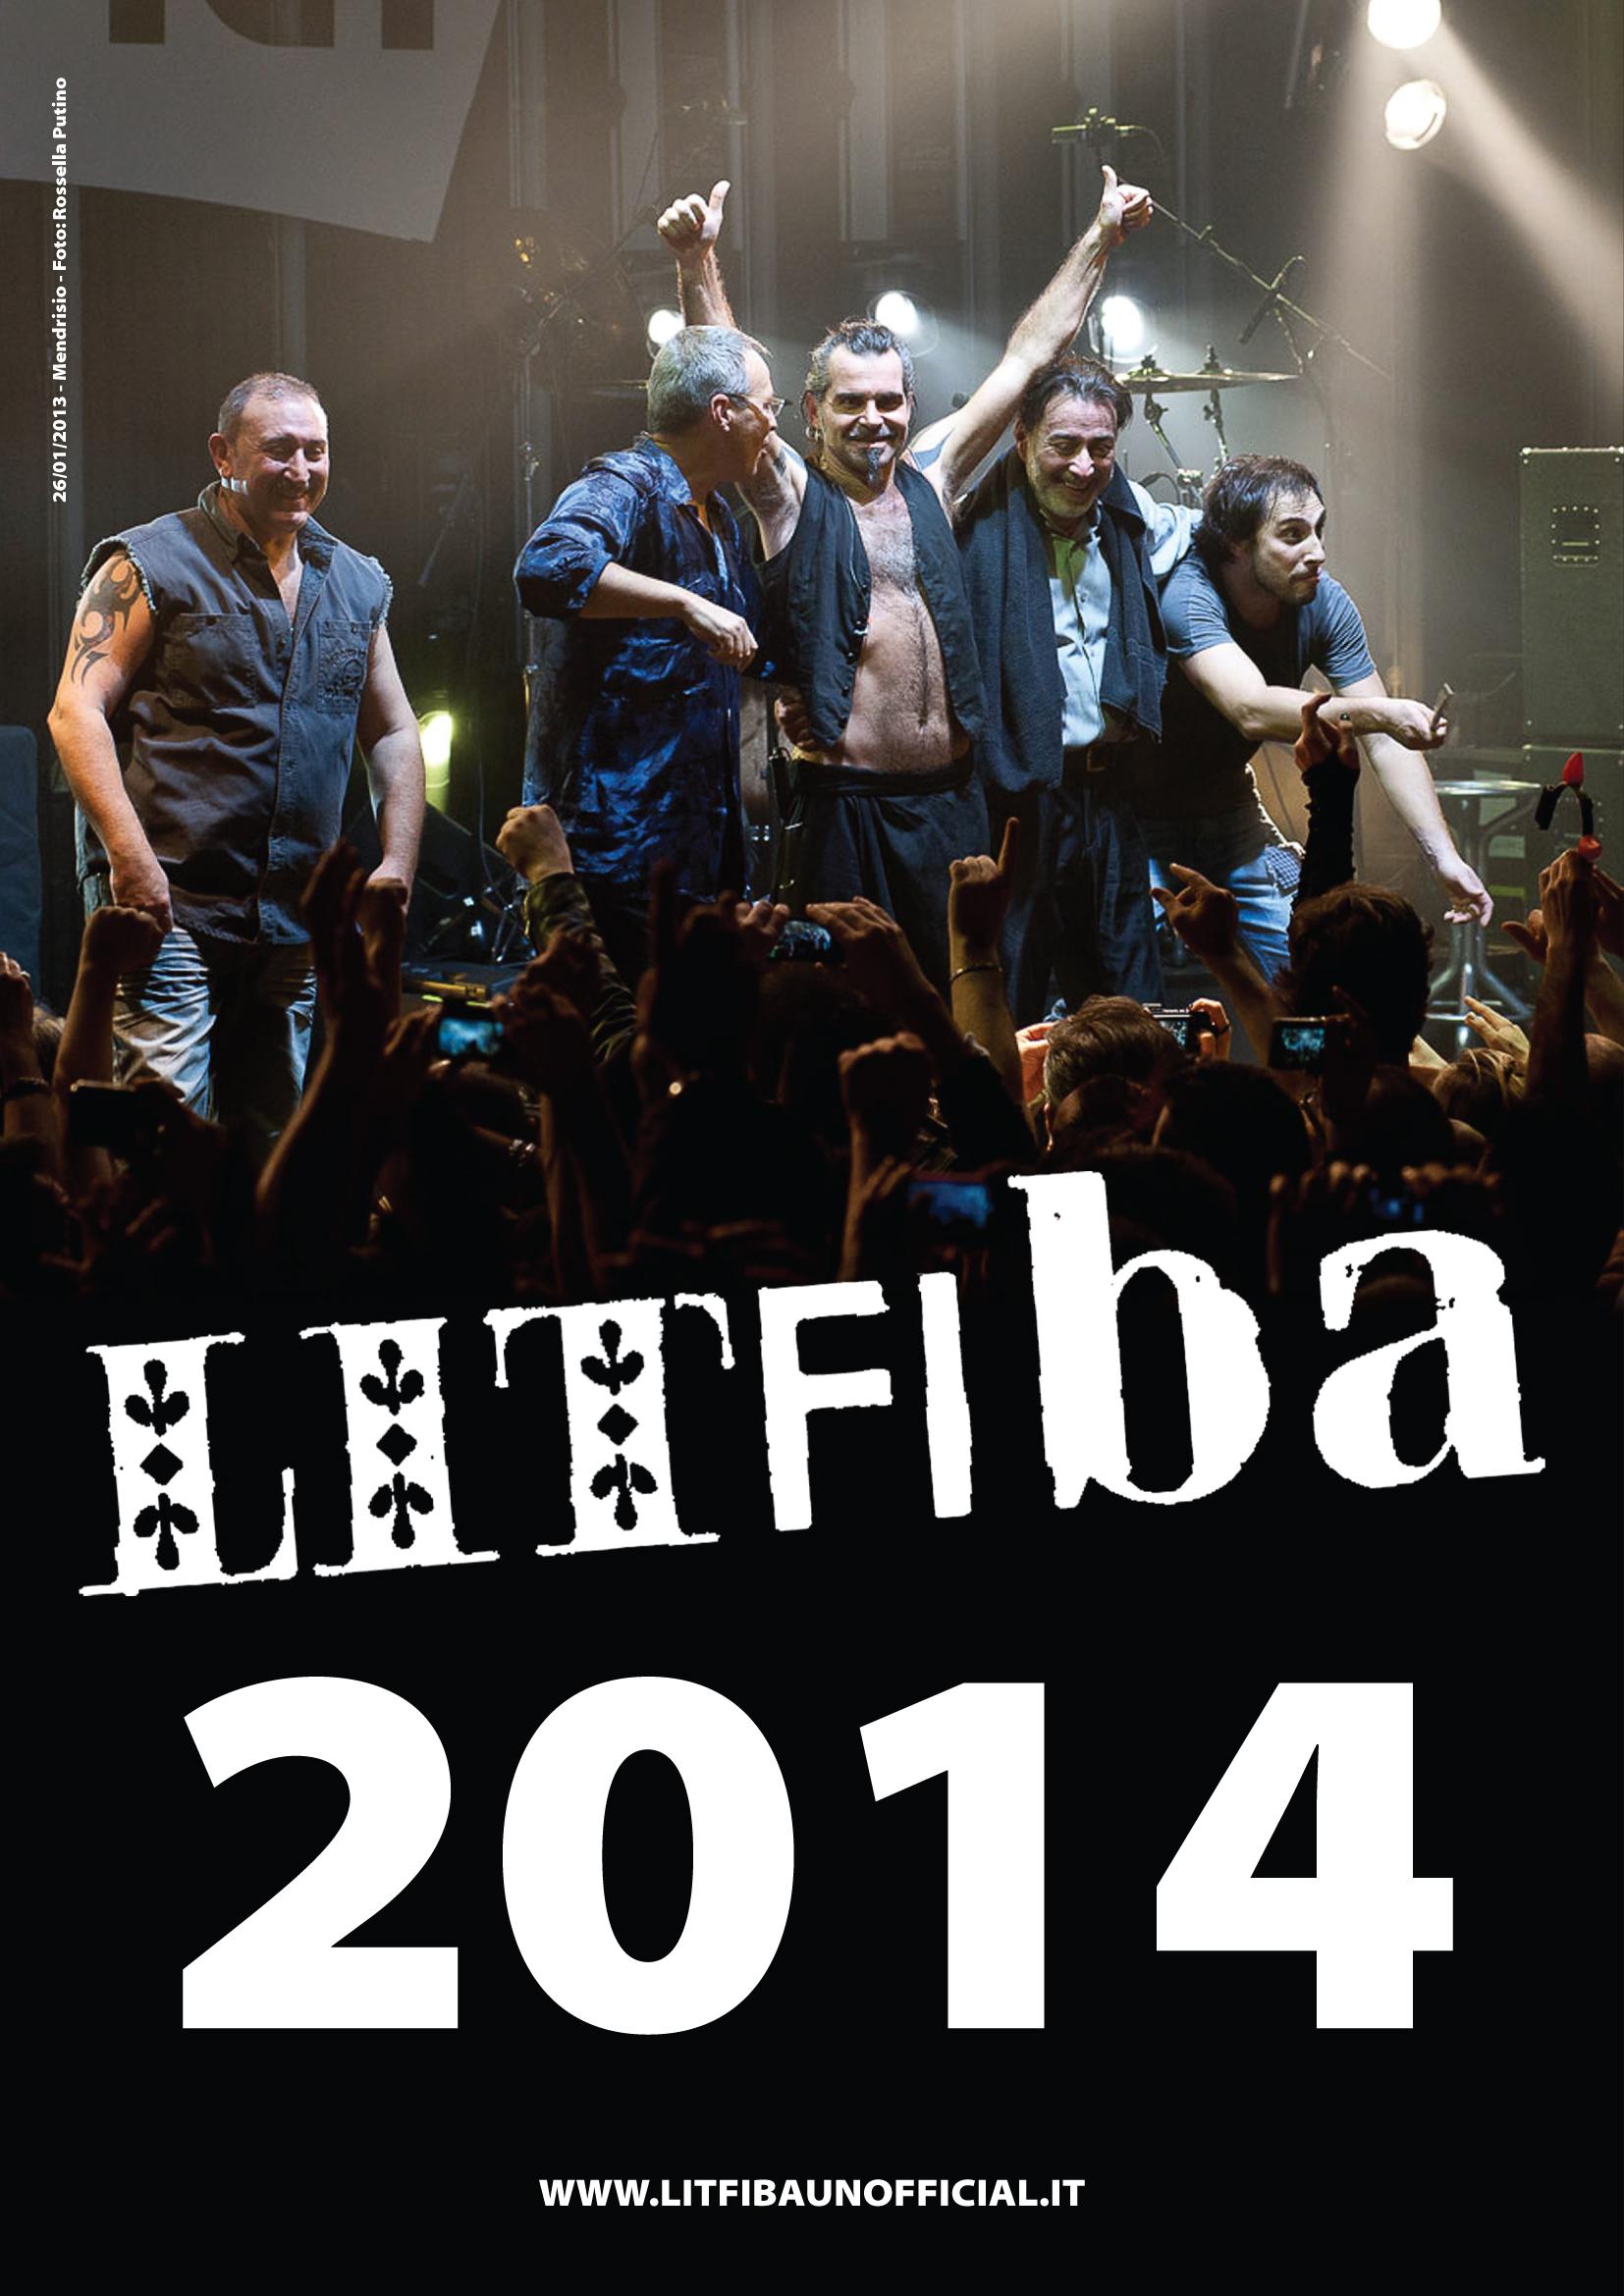 calendario Litfiba 2014